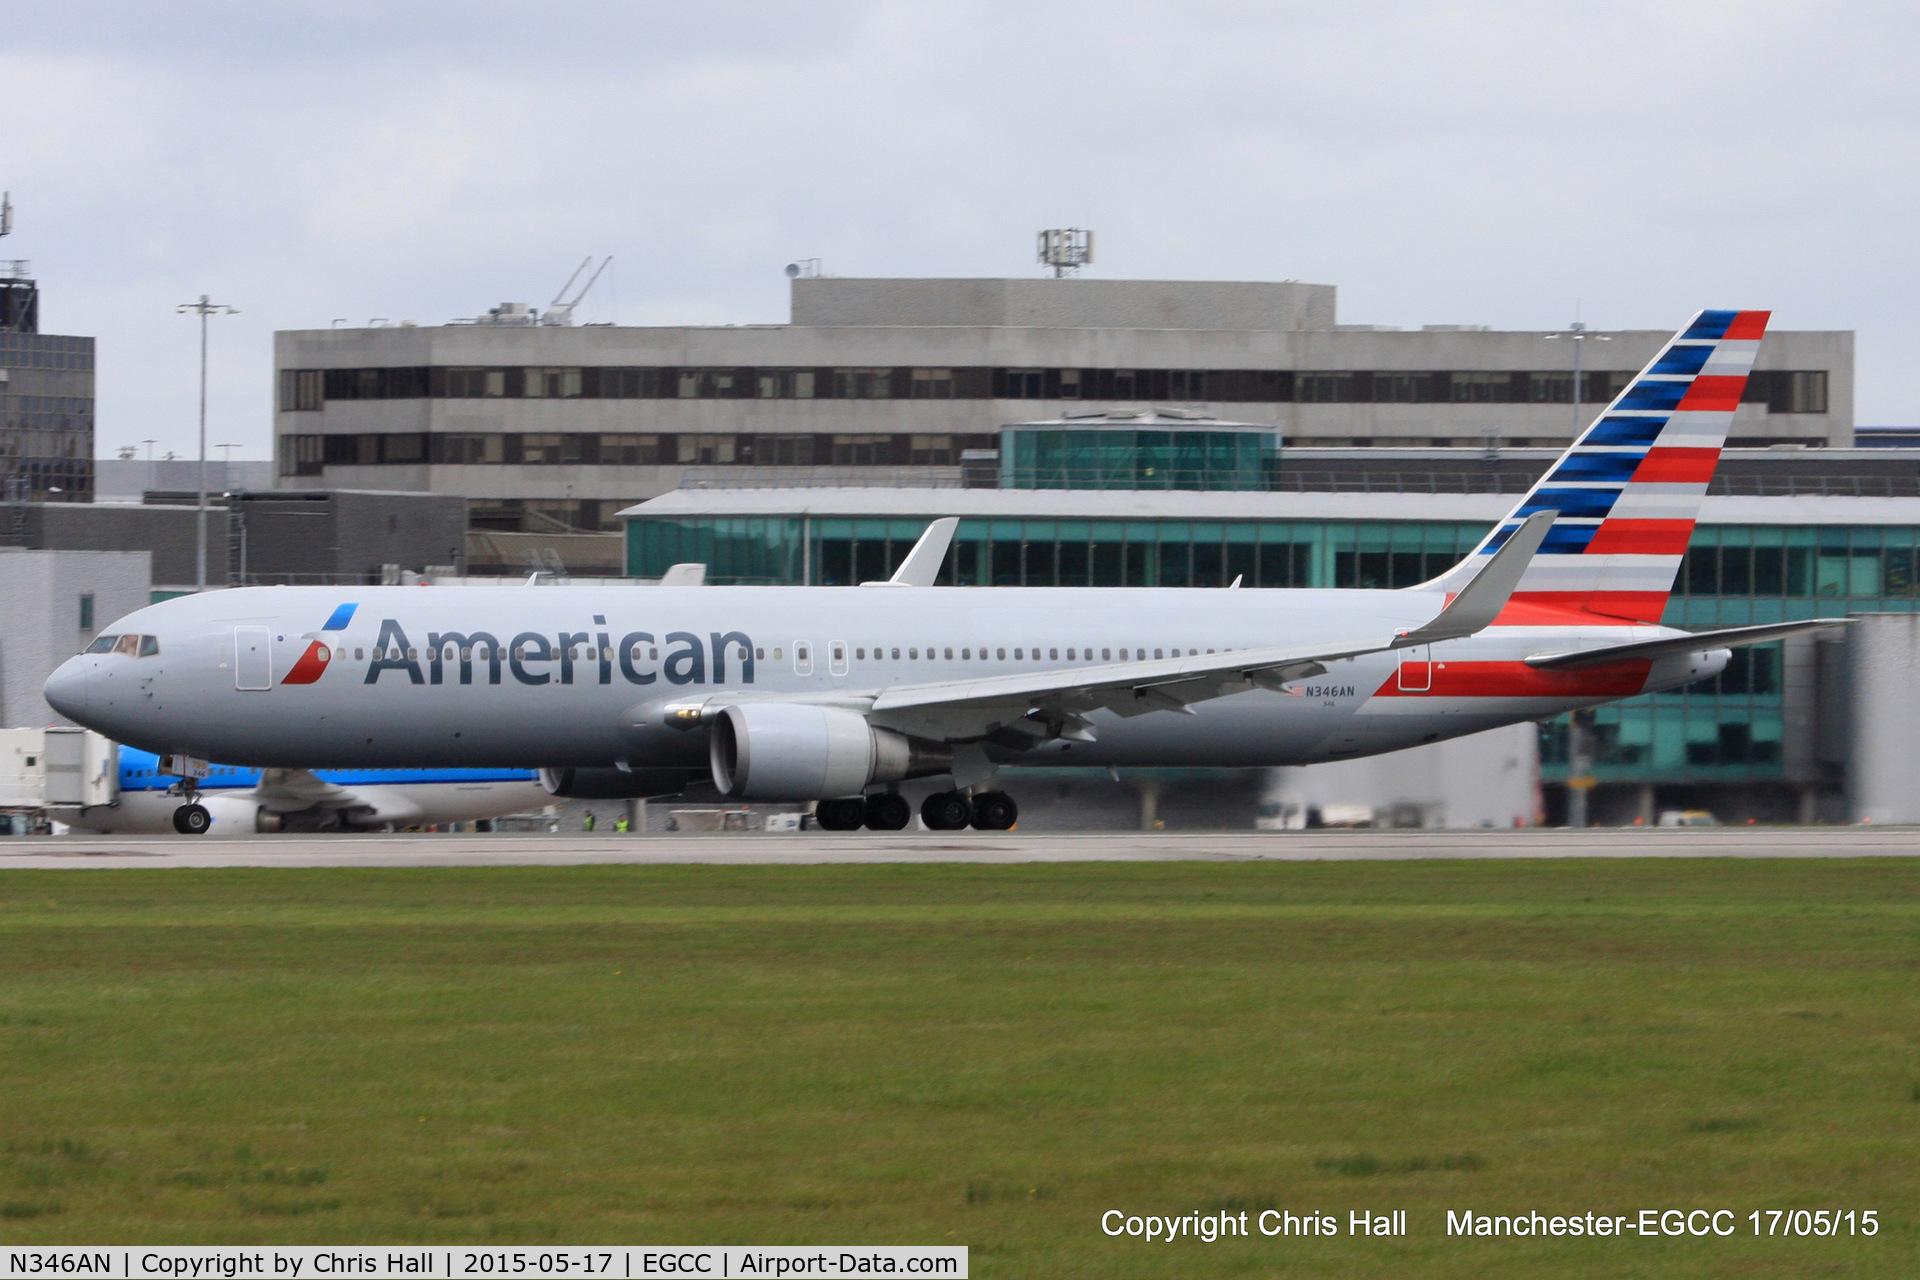 N346AN, 2003 Boeing 767-323 C/N 33085, American Airlines